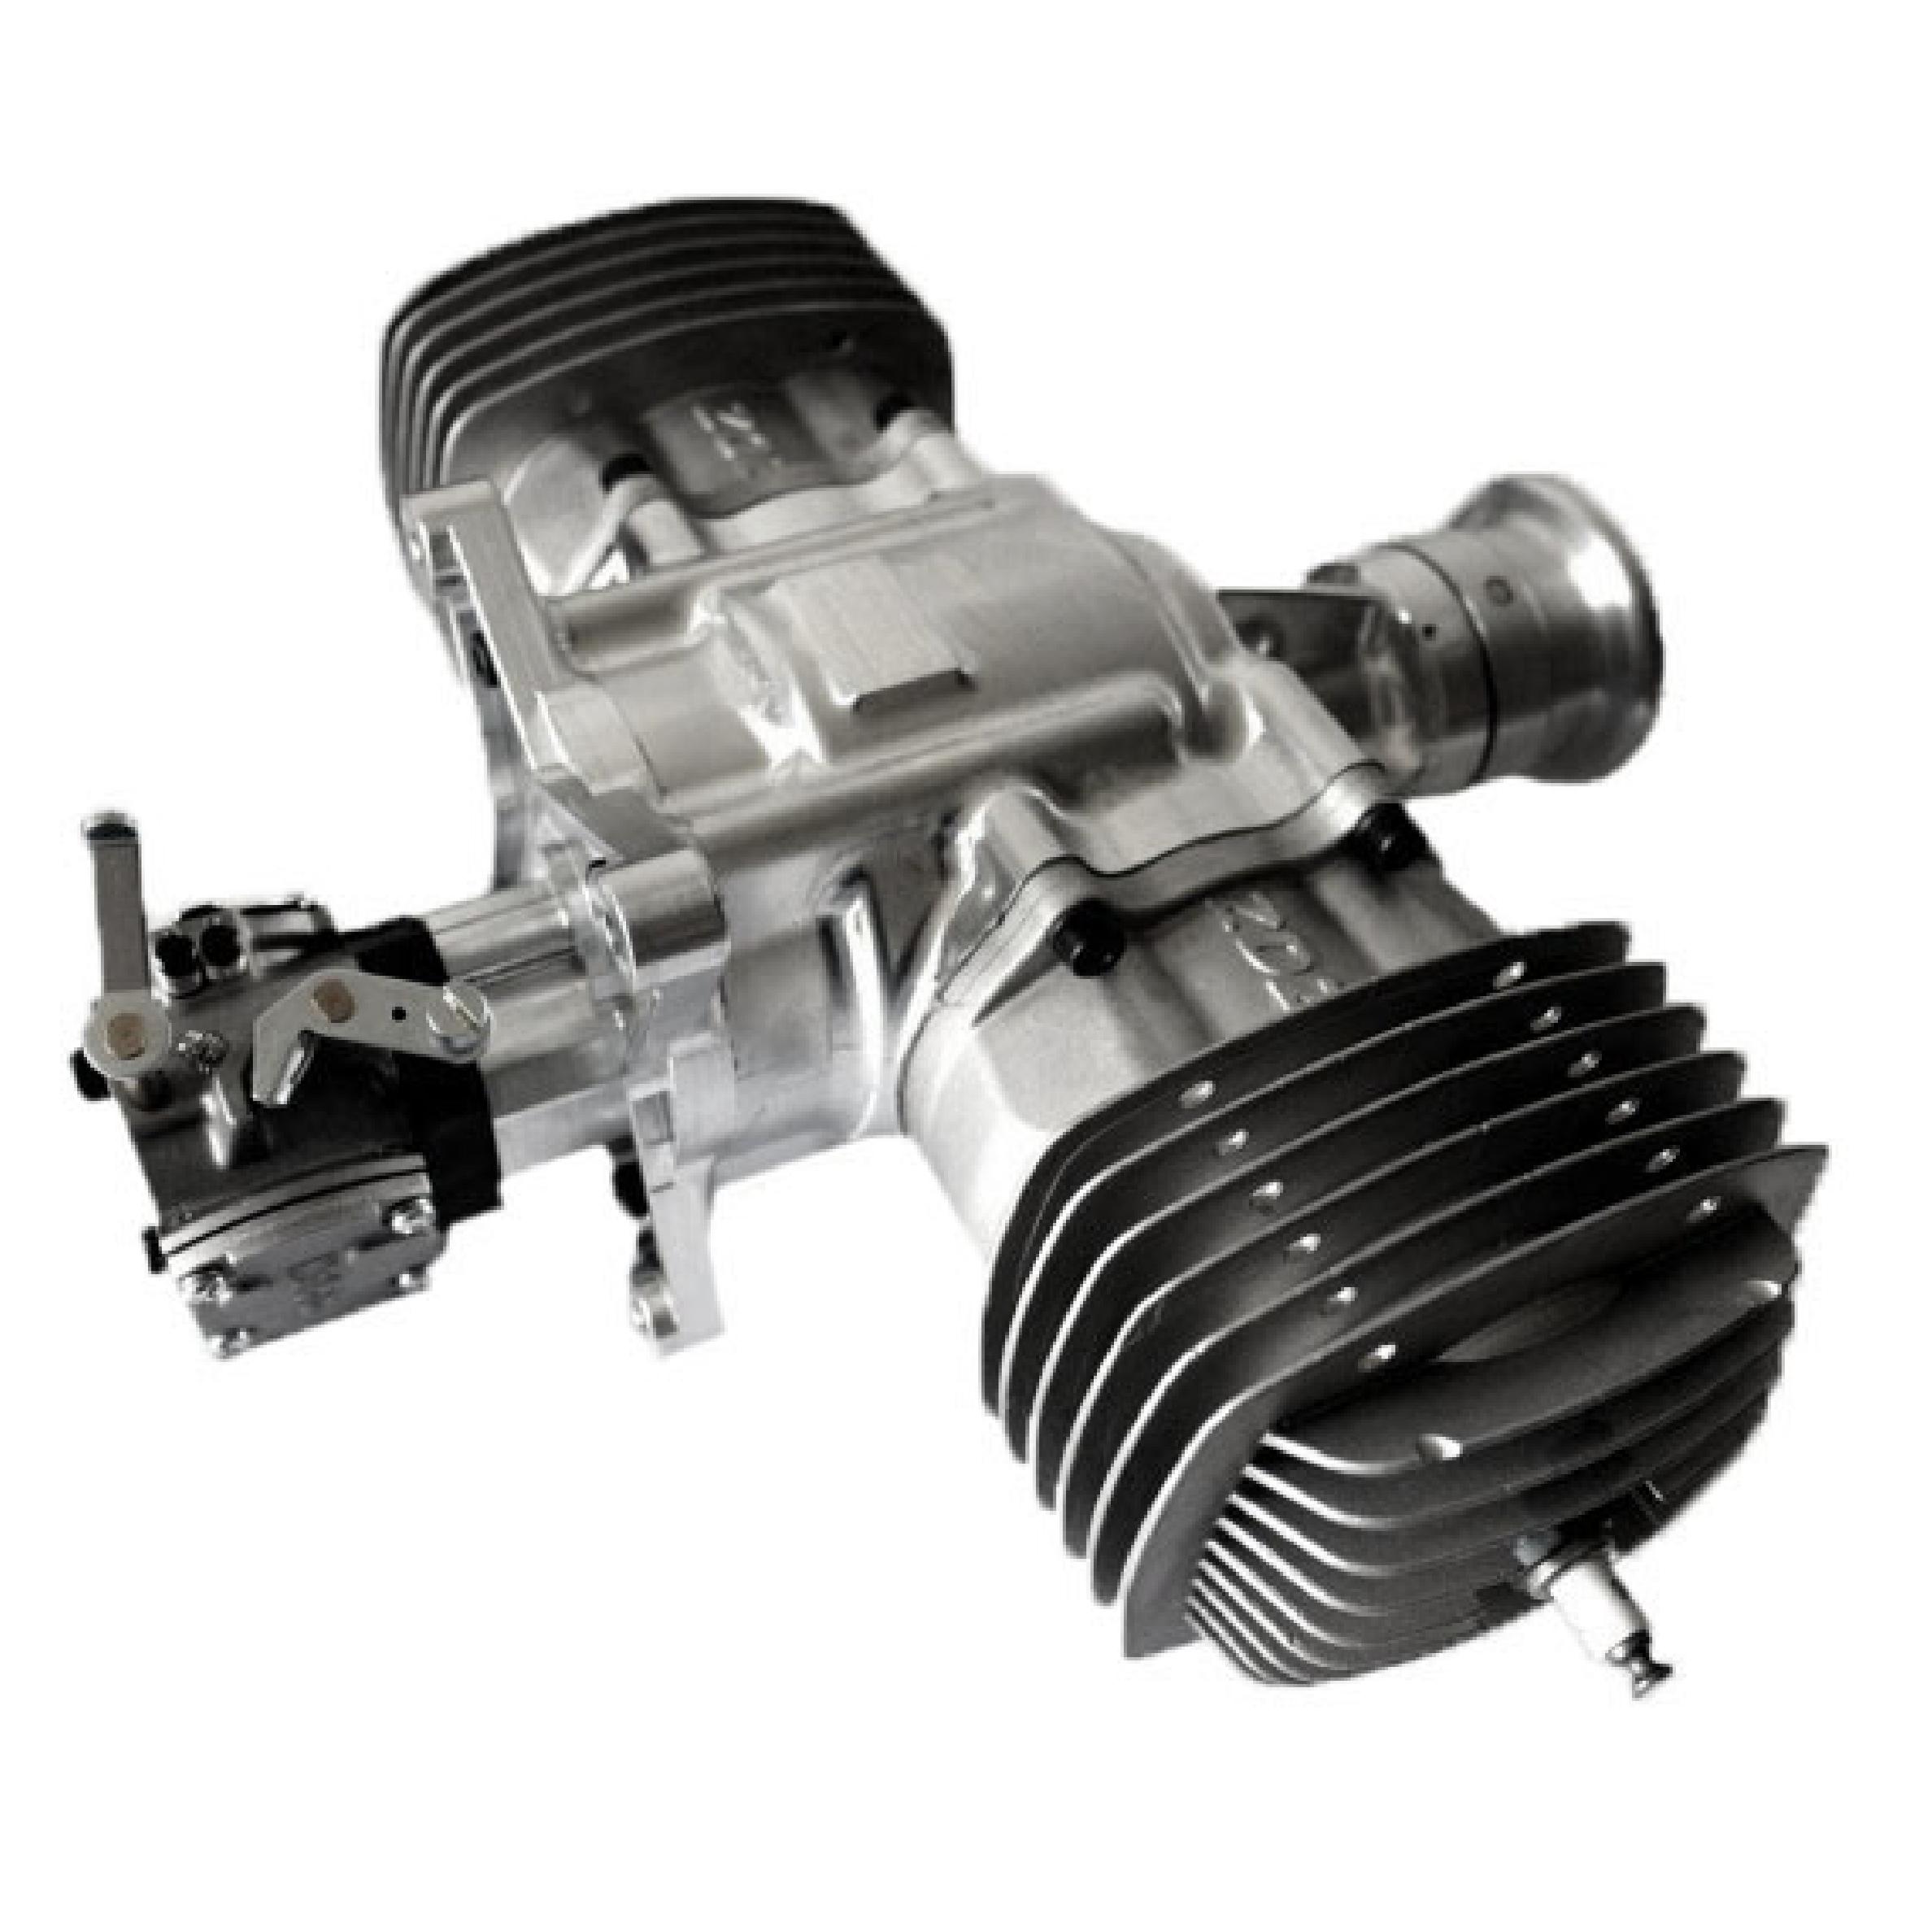 zdz 195b2rv j champion zdz engines usa